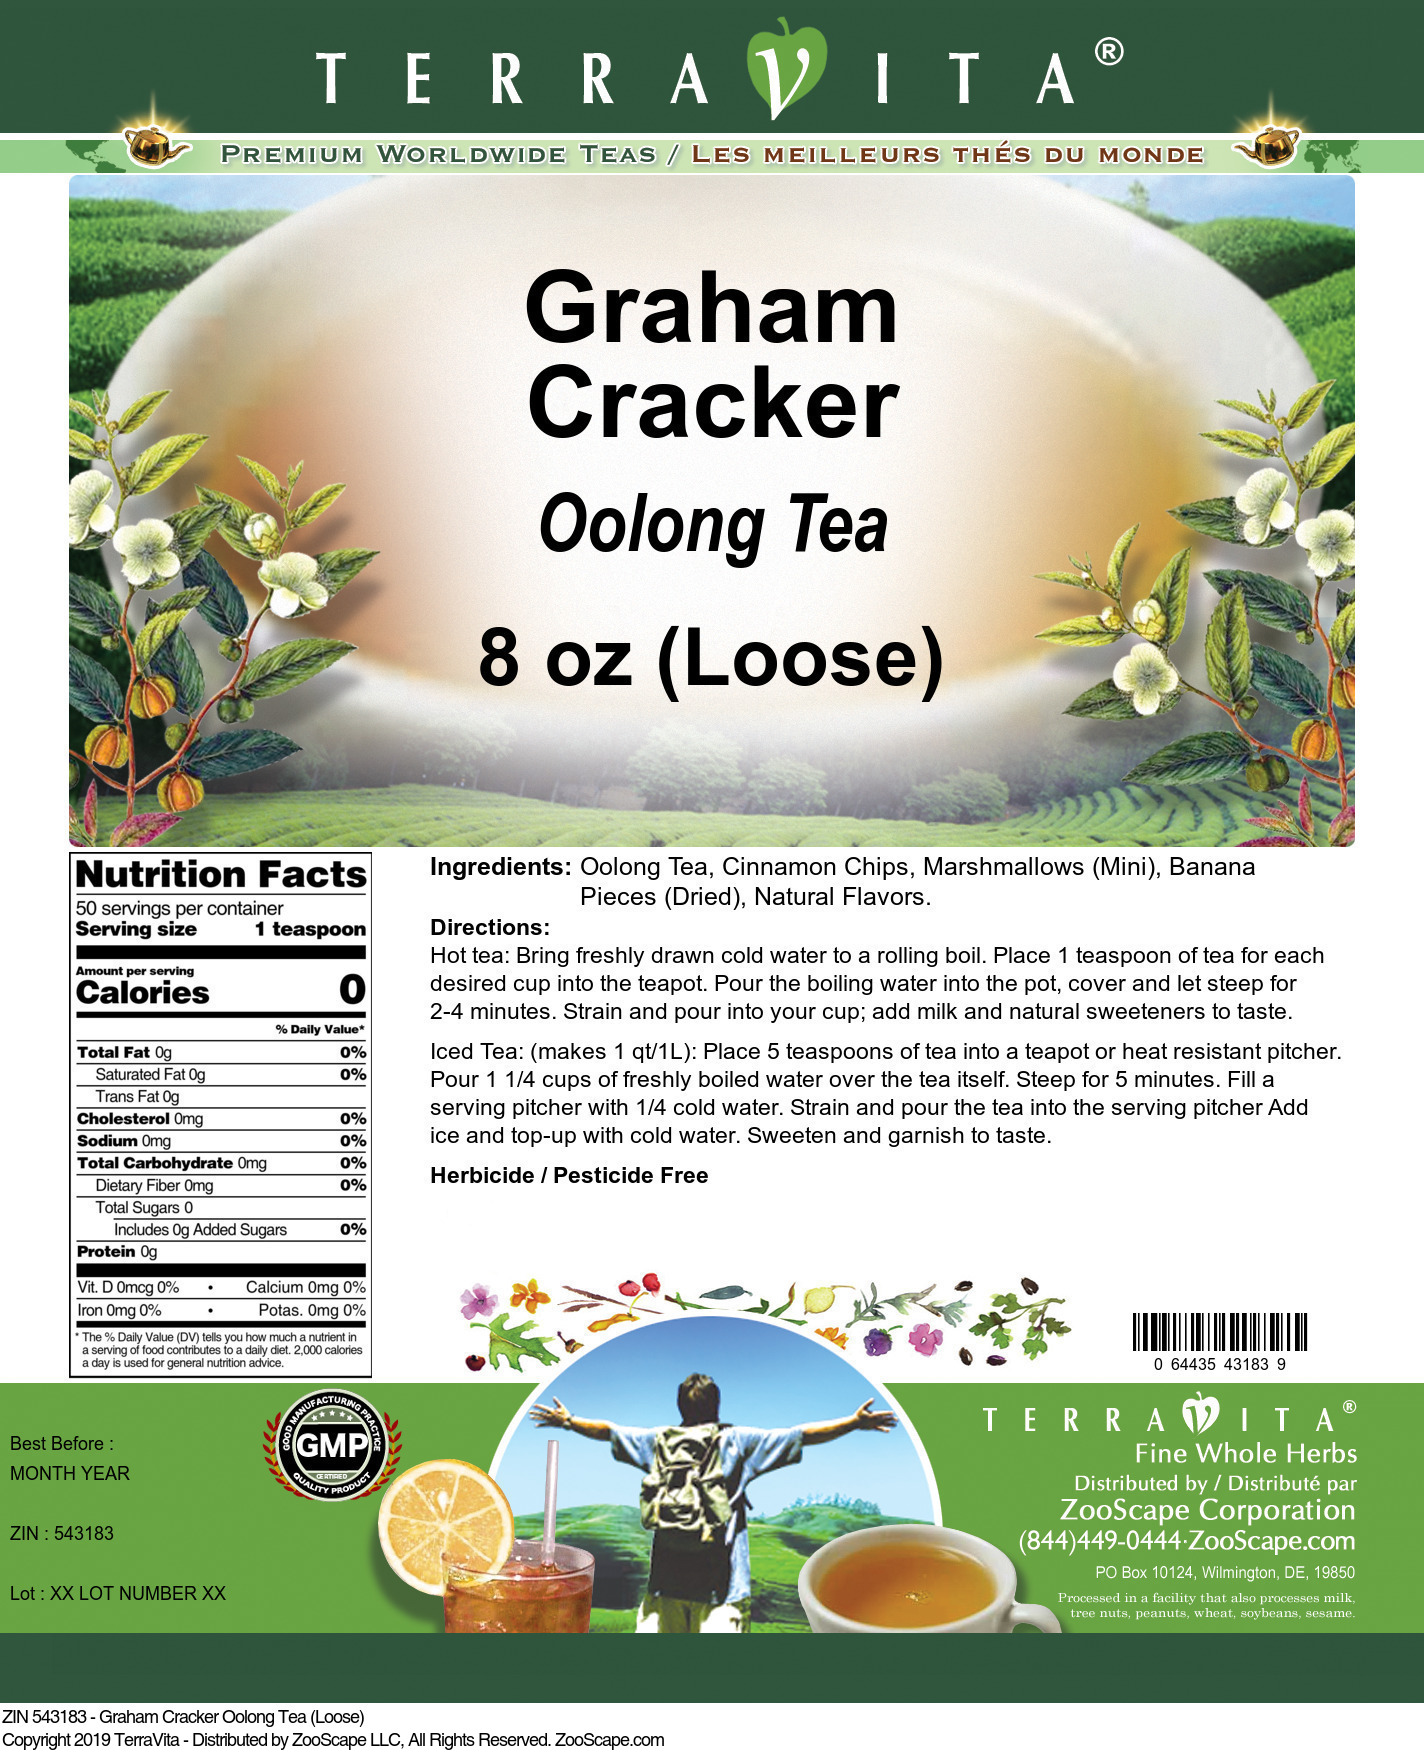 Graham Cracker Oolong Tea